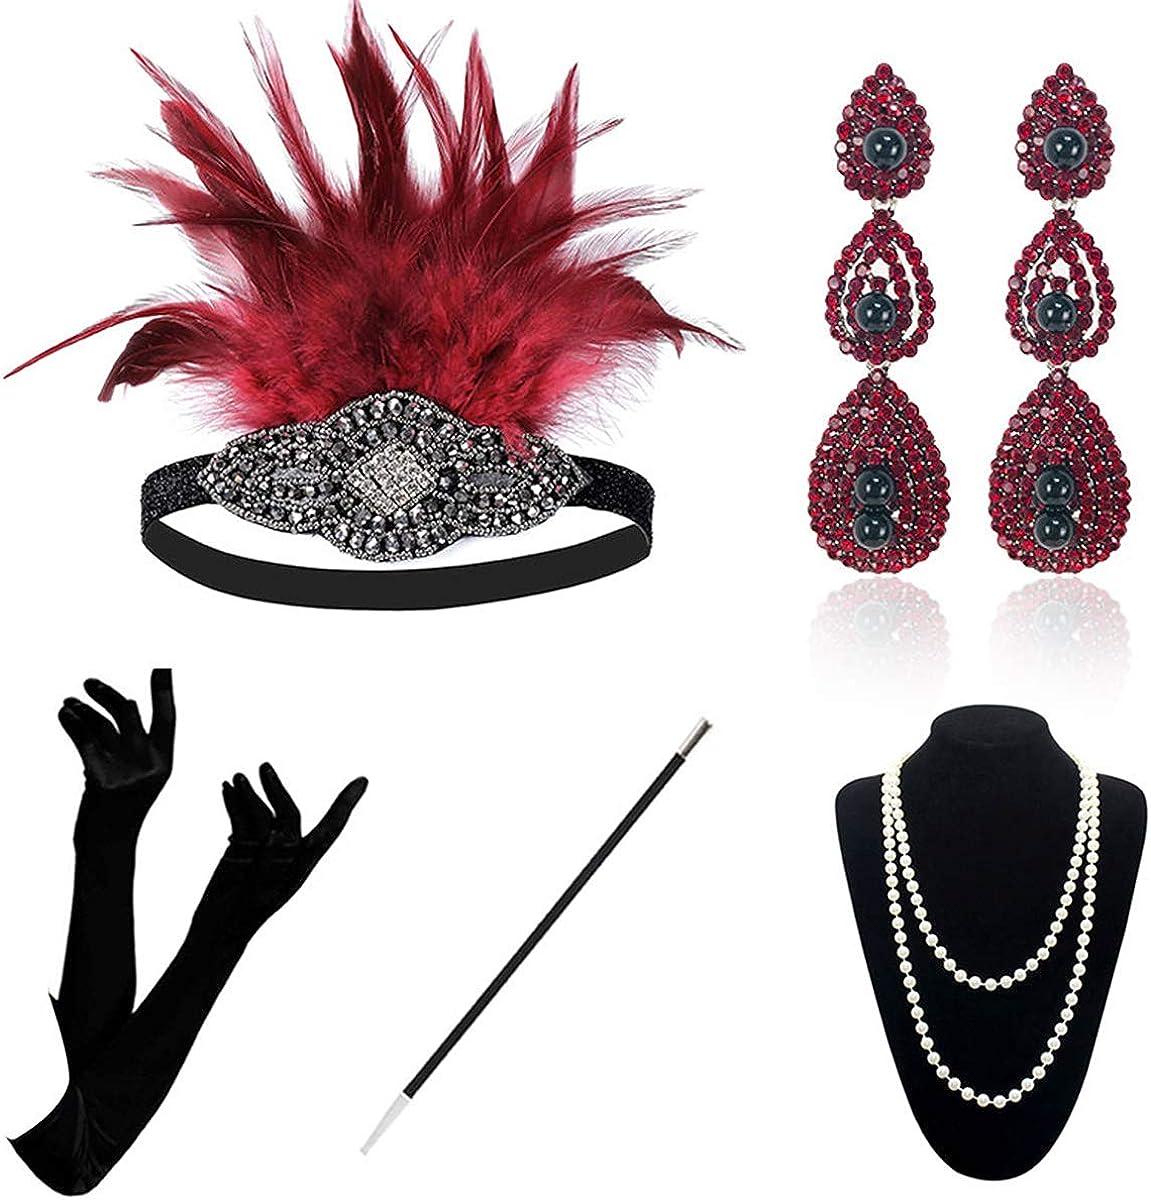 Juego de accesorios de 1920 – Juego de accesorios para disfraz de Gatsby de los años 20, vintage, diademas, pendientes, collares, guantes y soporte para cigarrillos